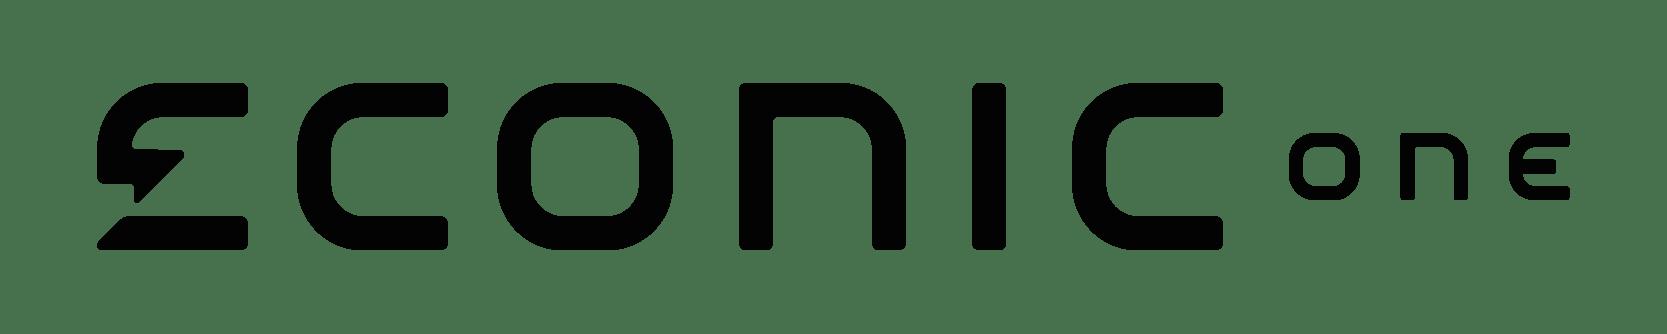 Econic One